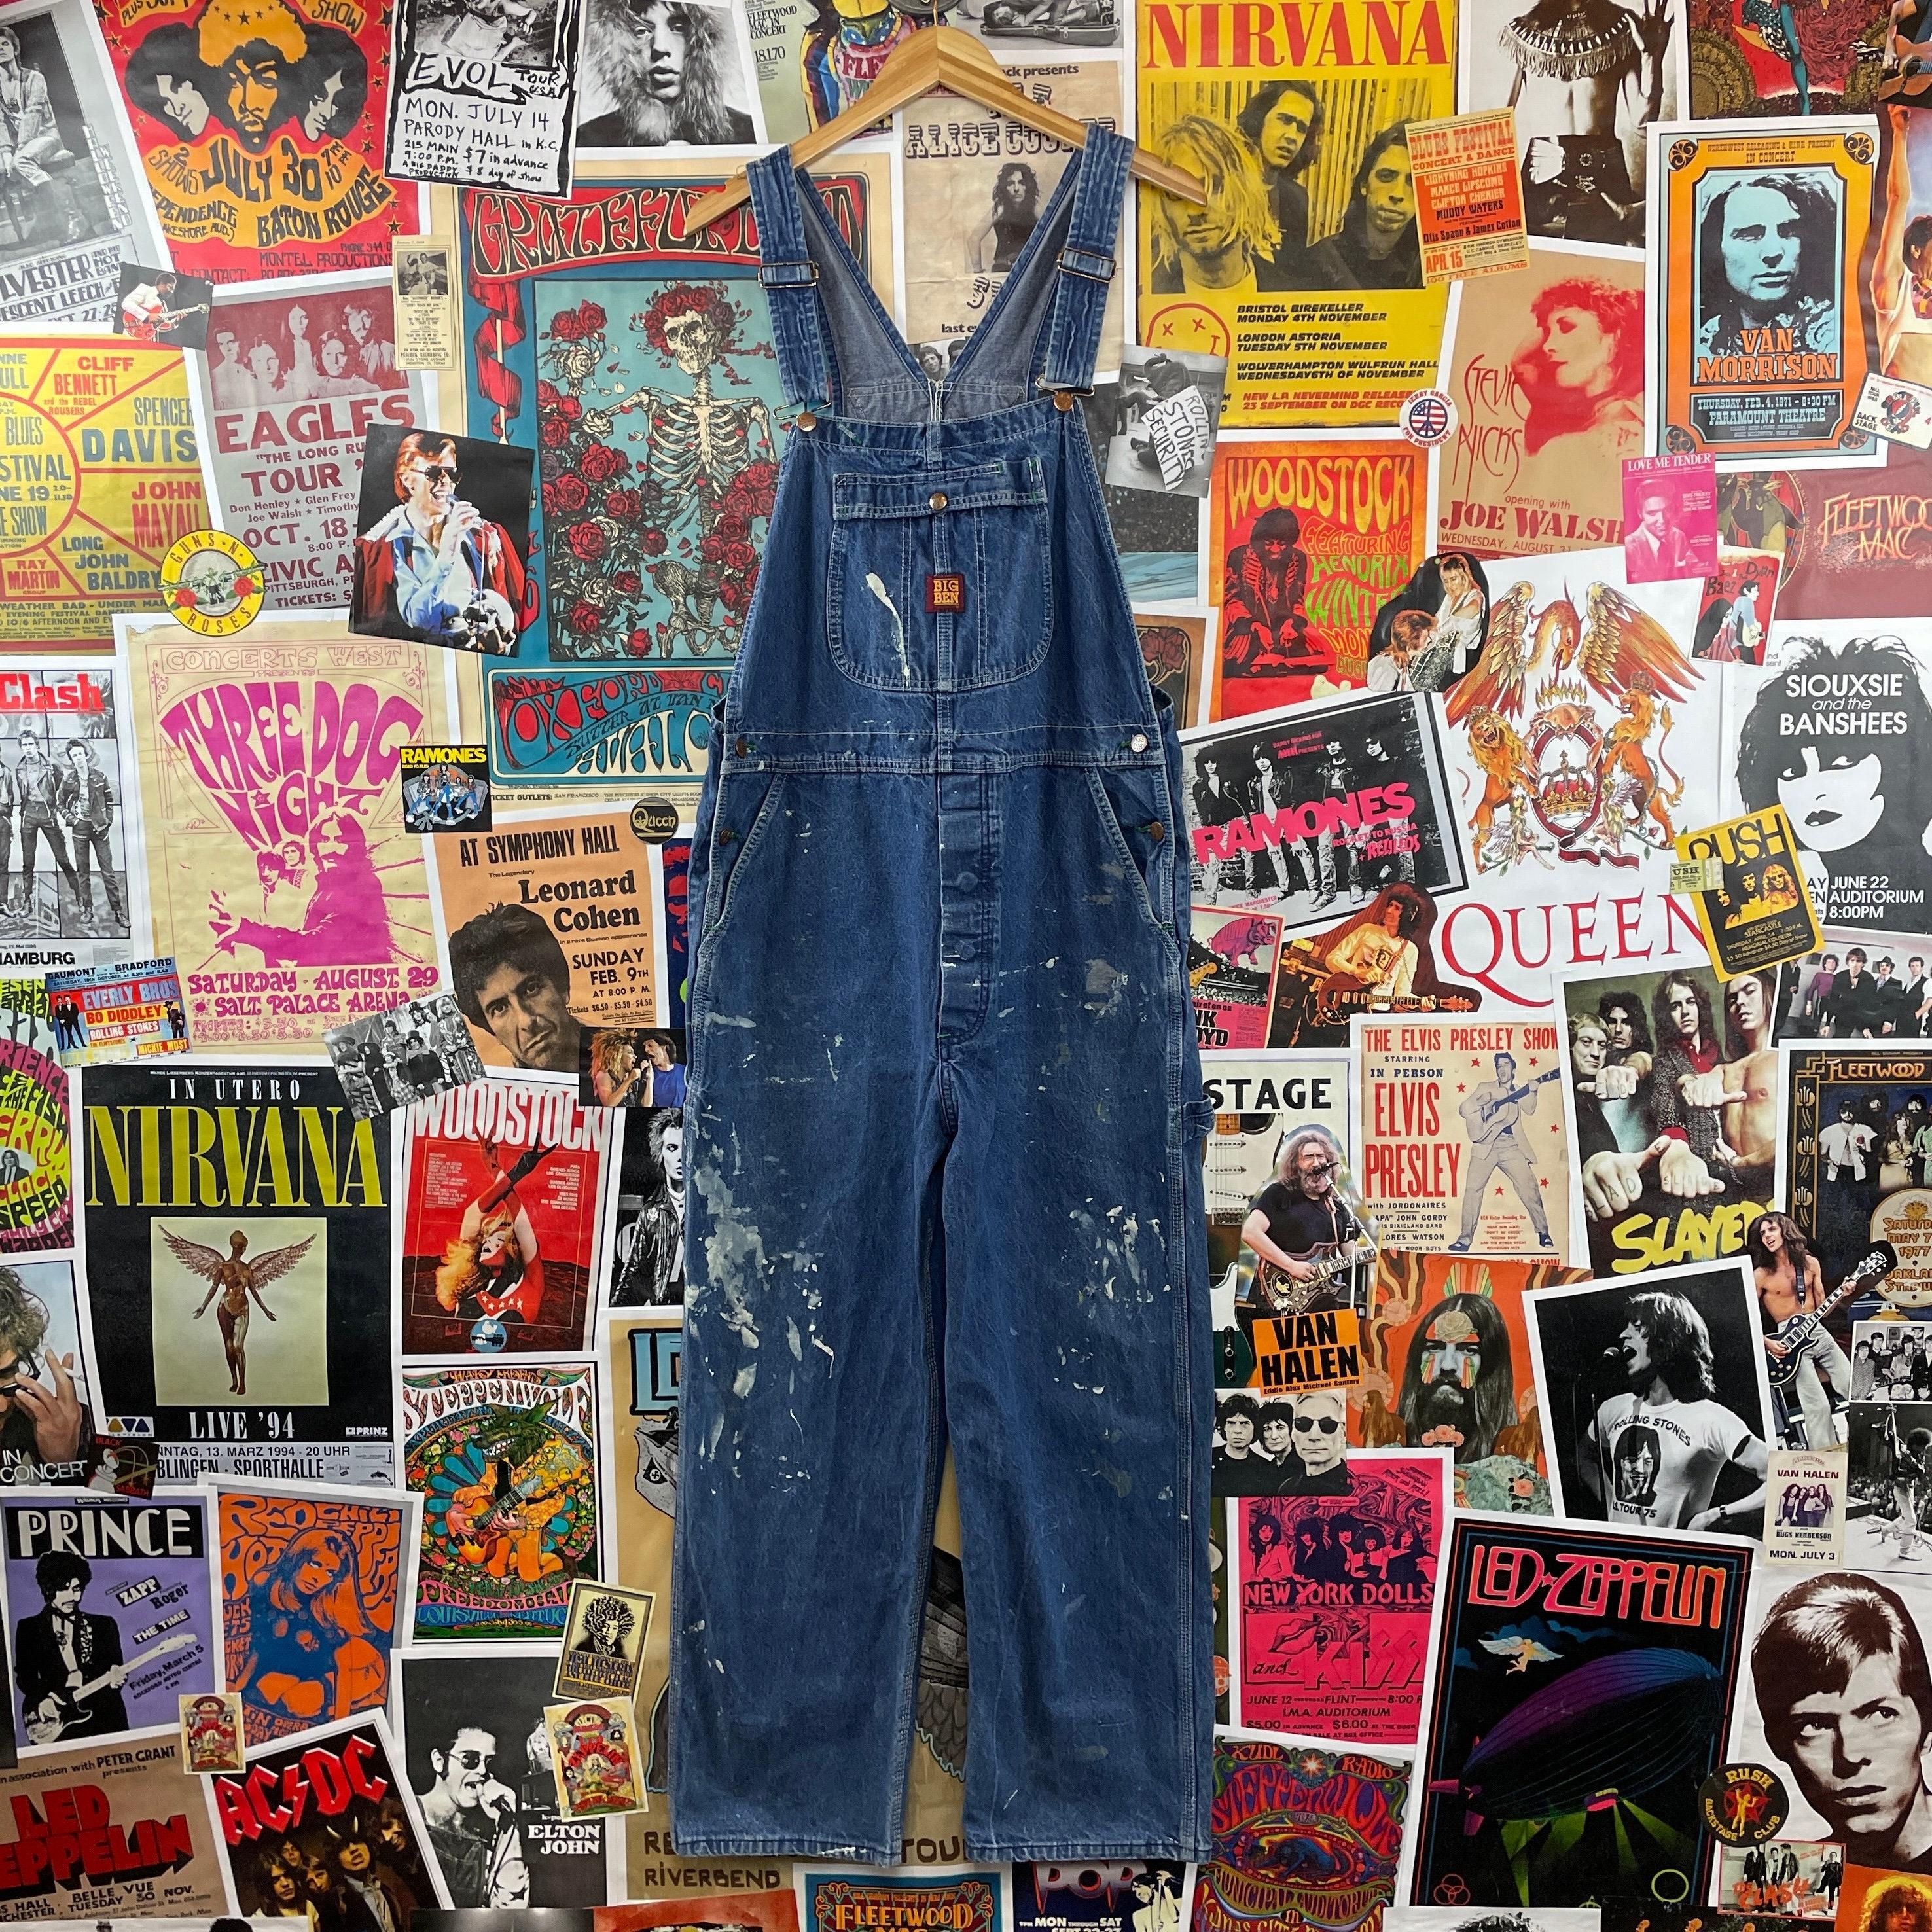 Vintage Overalls & Jumpsuits Vintage 1980S Big Ben Medium Wash 38W Painted Stained Denim Workwear Dungaree Overalls $0.00 AT vintagedancer.com